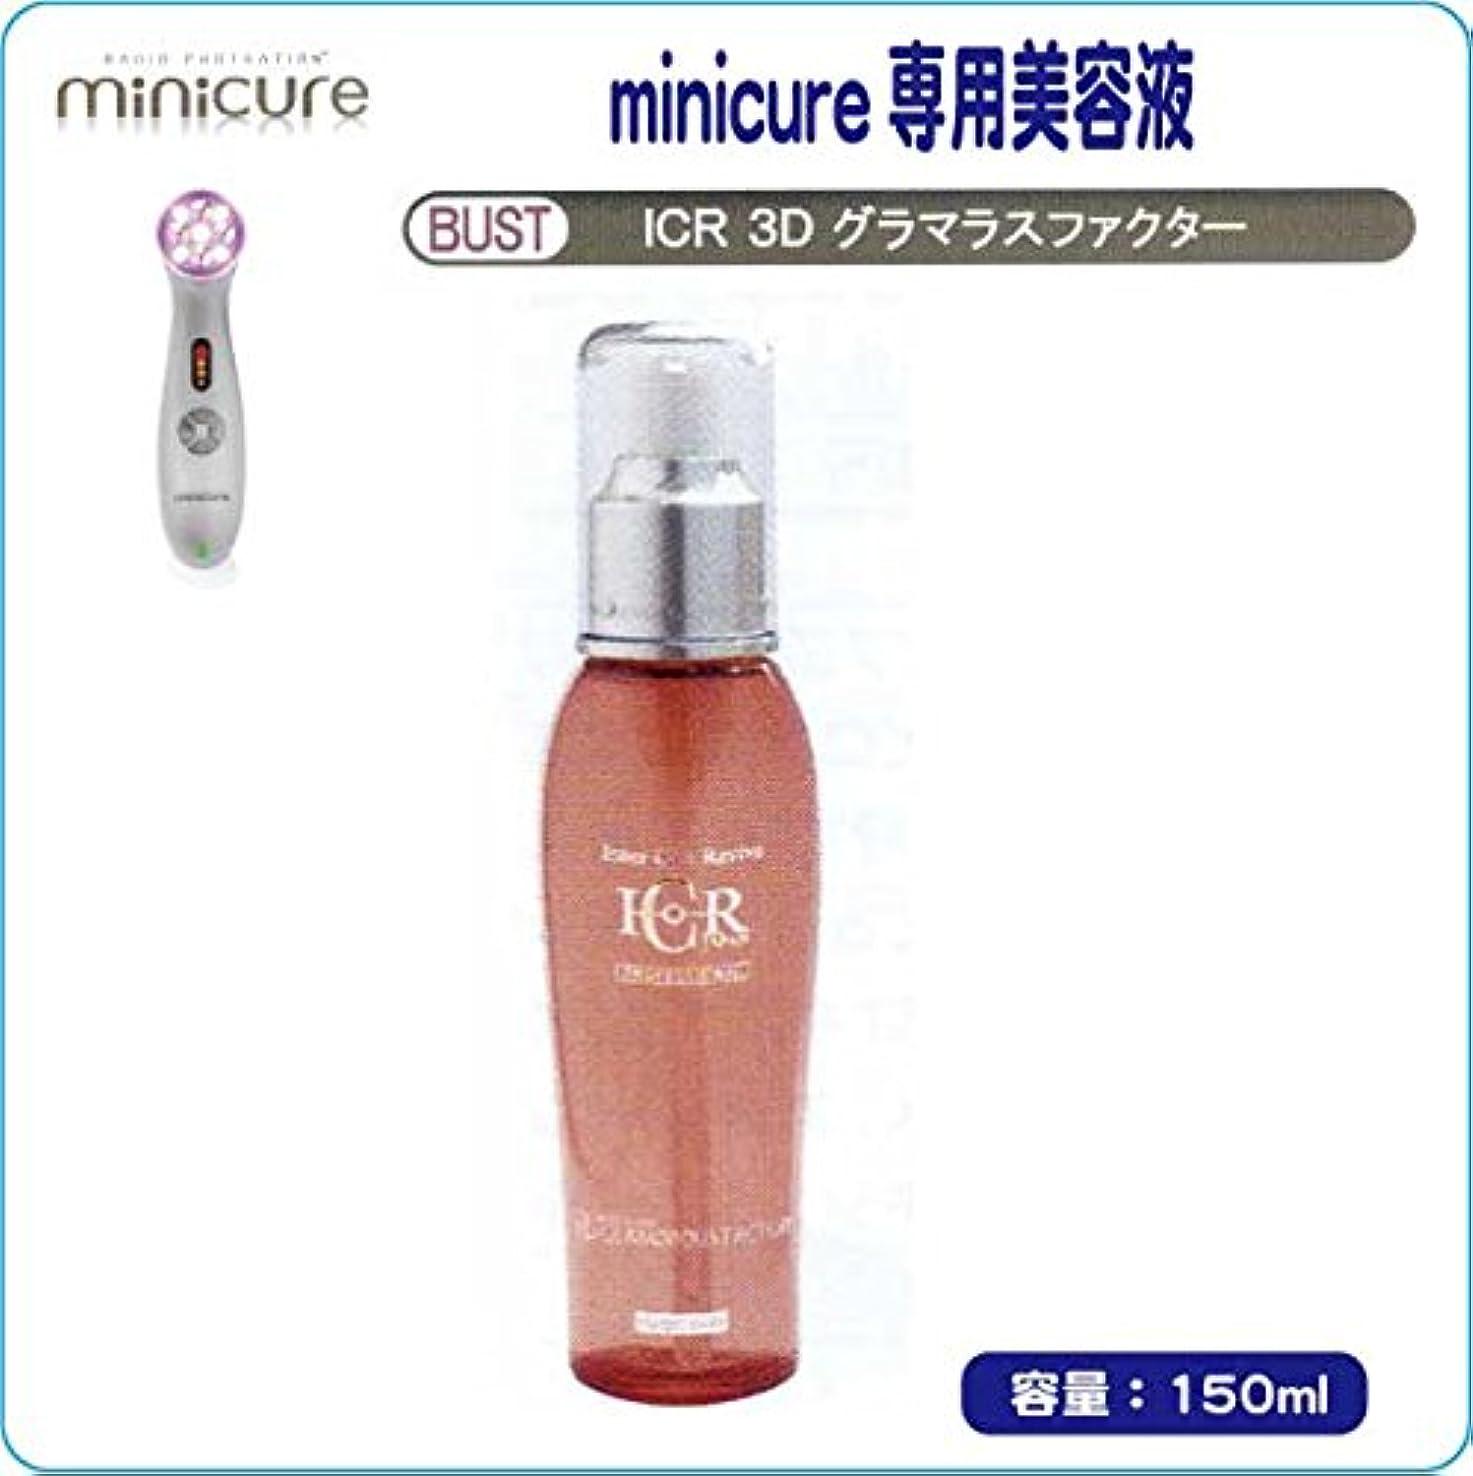 予防接種する放送展開する【minicure専用美容液シリーズ】  【BUST】ICR 3D グラマラスファクター  150ml